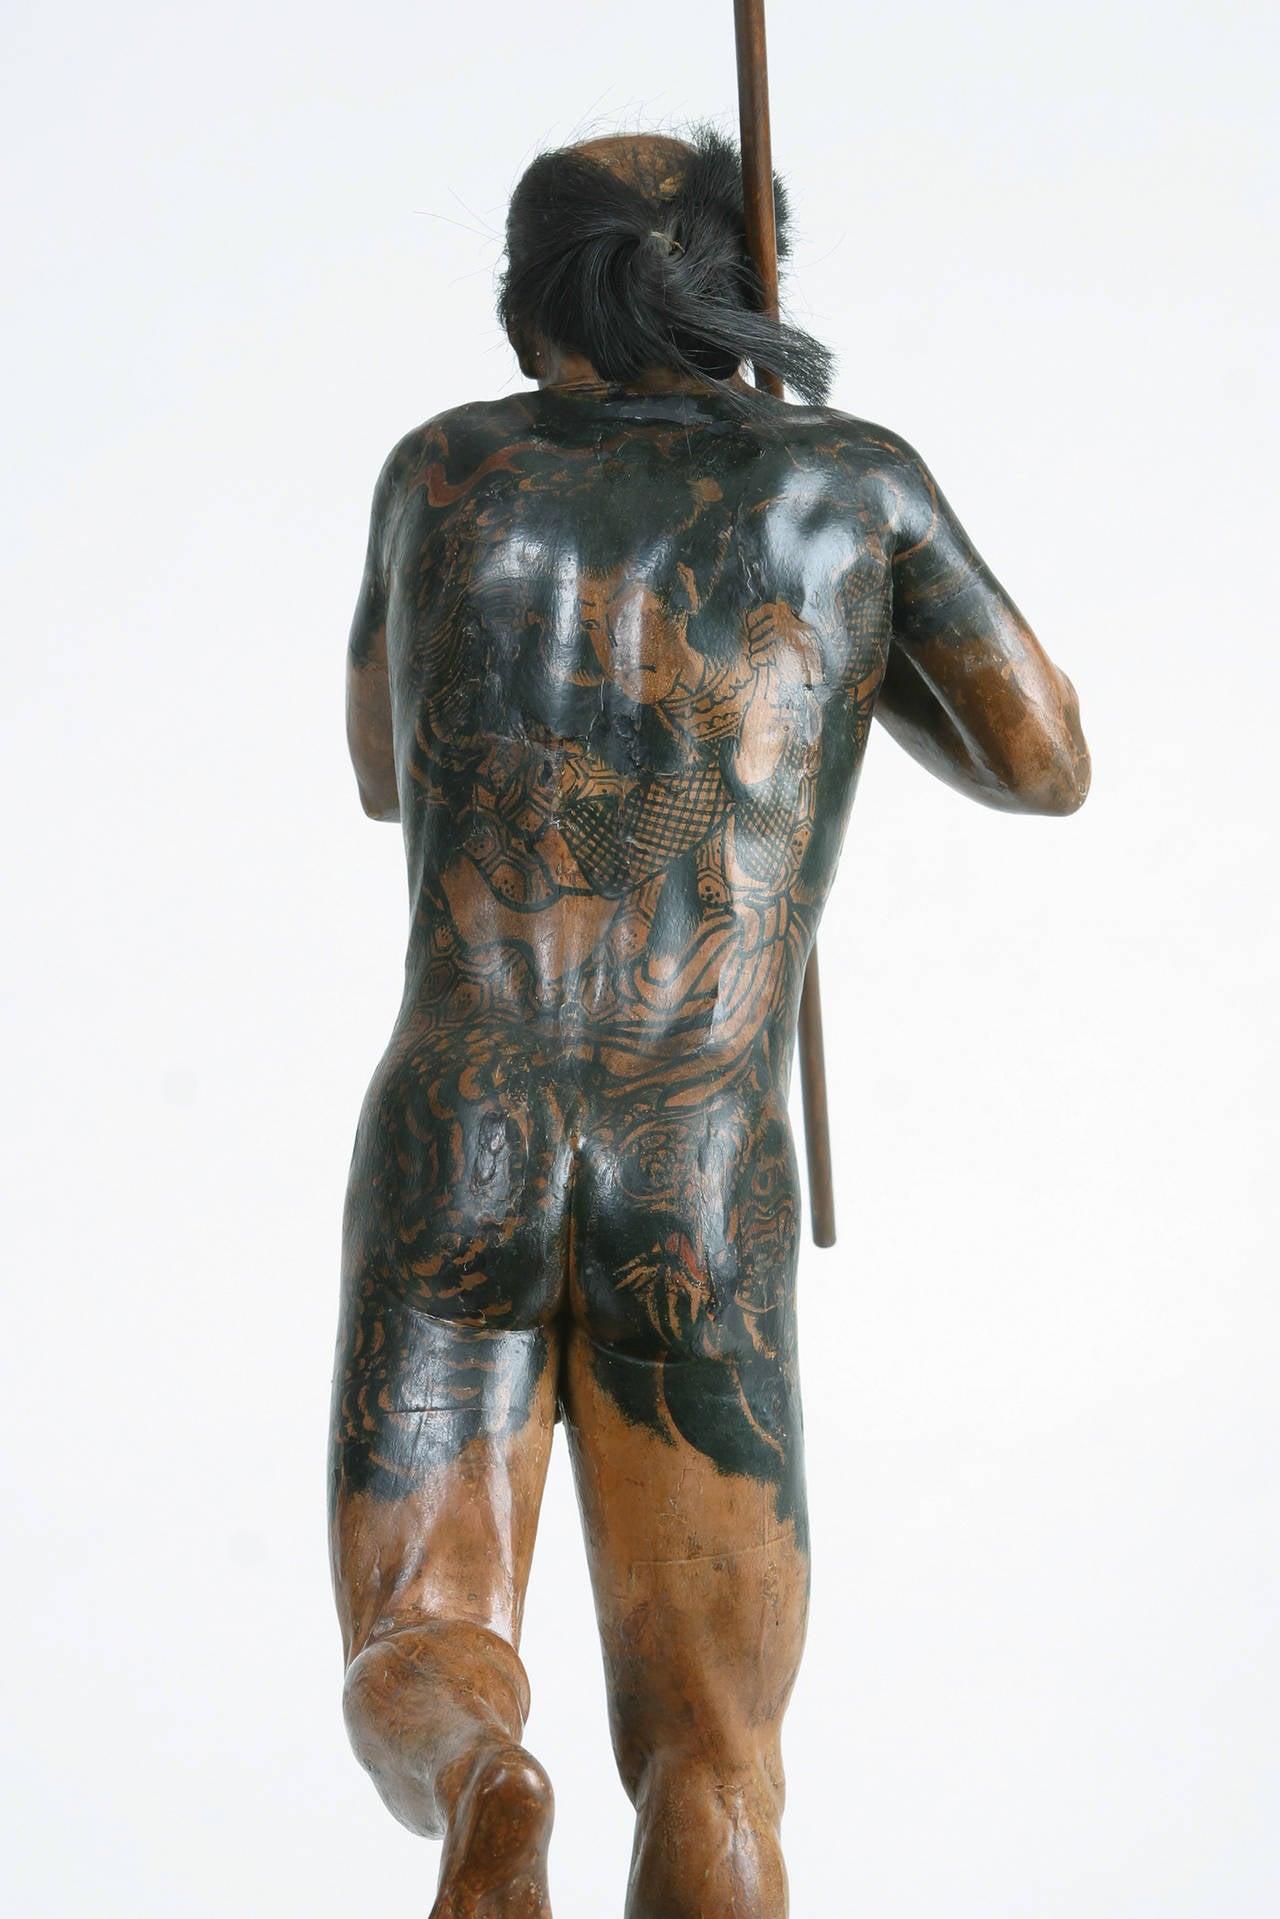 Tattooed Sculpture of a Japanese Running Man 2